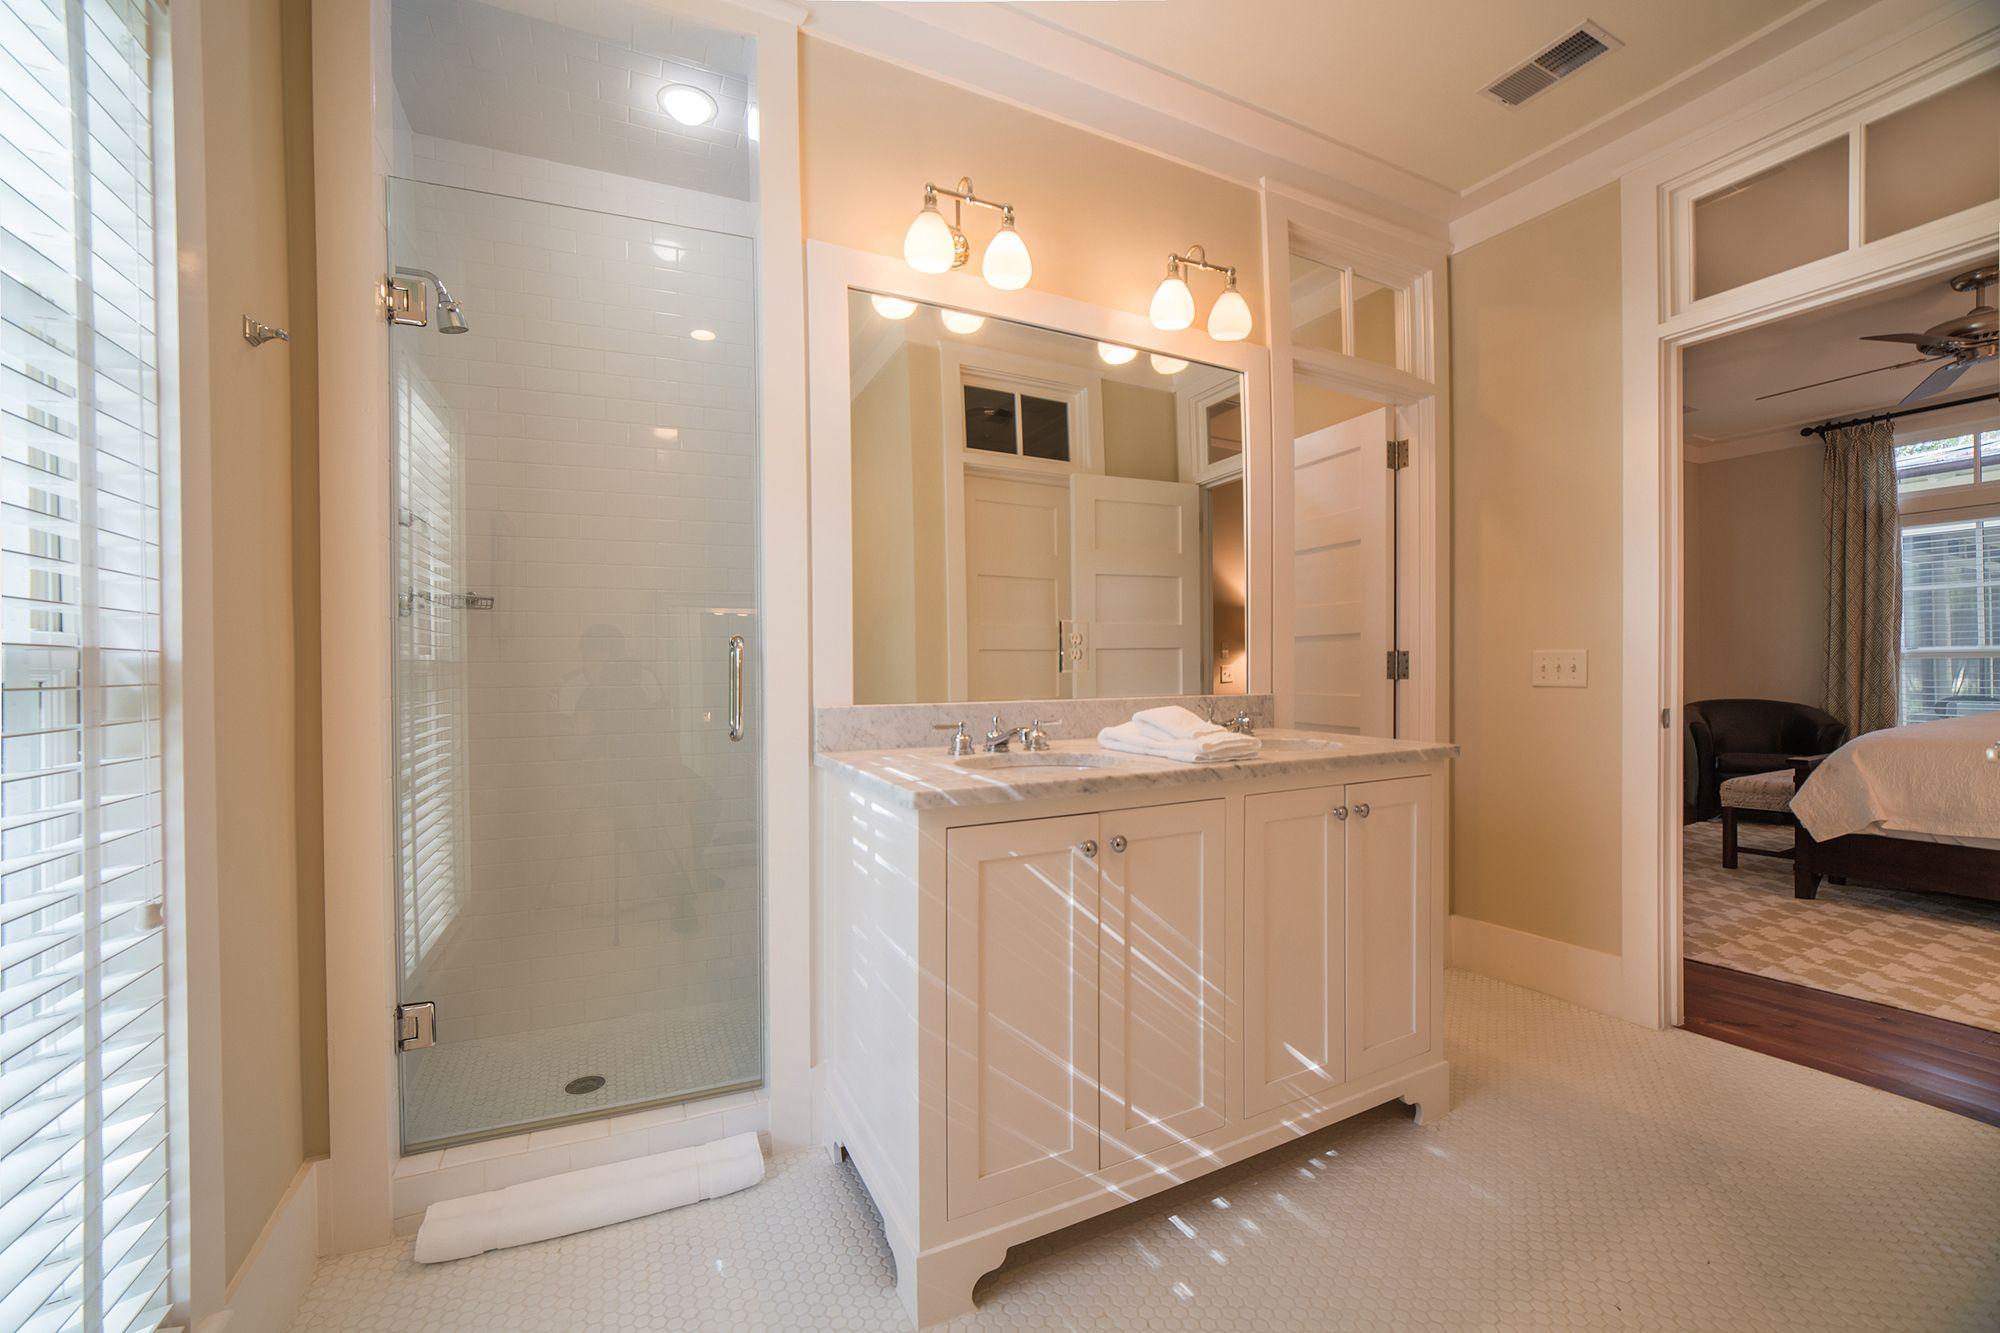 Luxurious White Master Bathroom